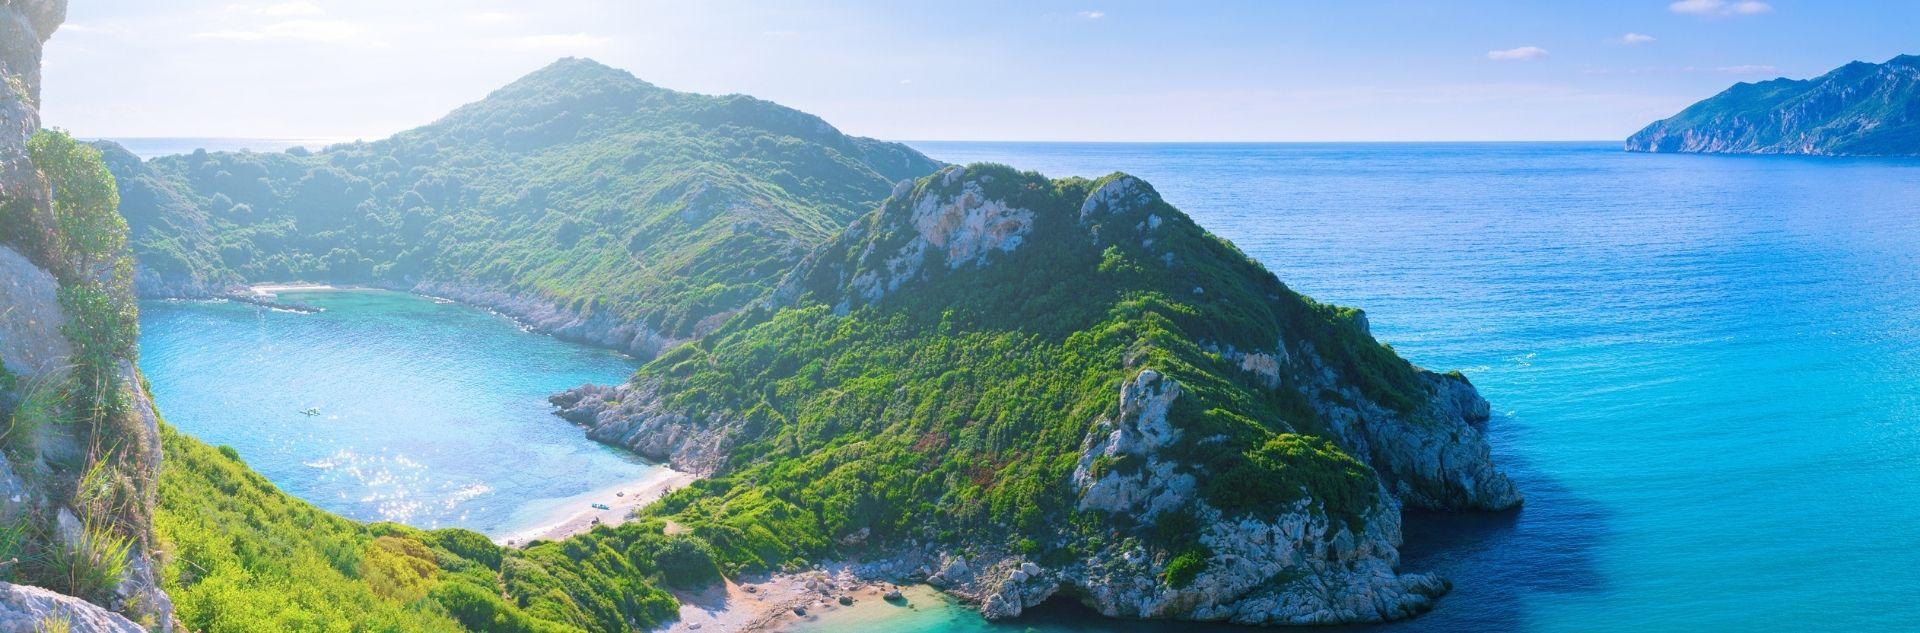 Reiseziel Korfu - Landschaft